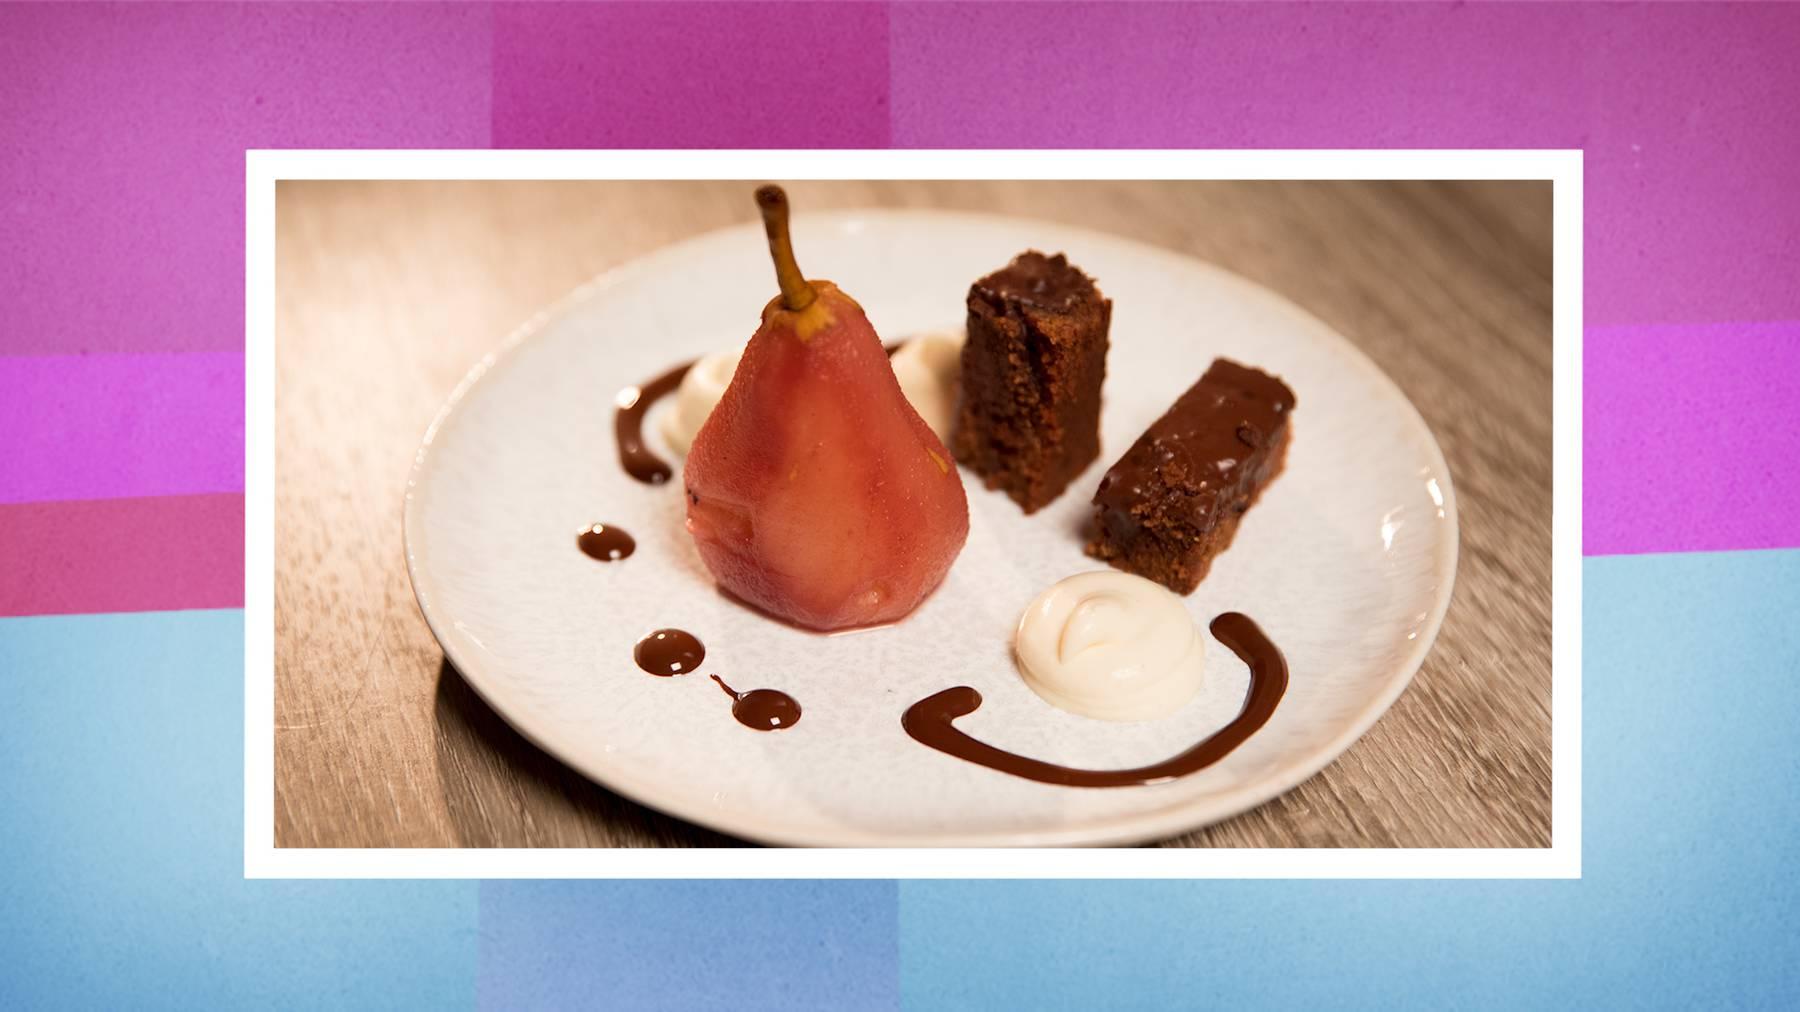 Das Dessert: Schokoladenschnitte mit weisser Schokoladencrème und Tonkabohnen